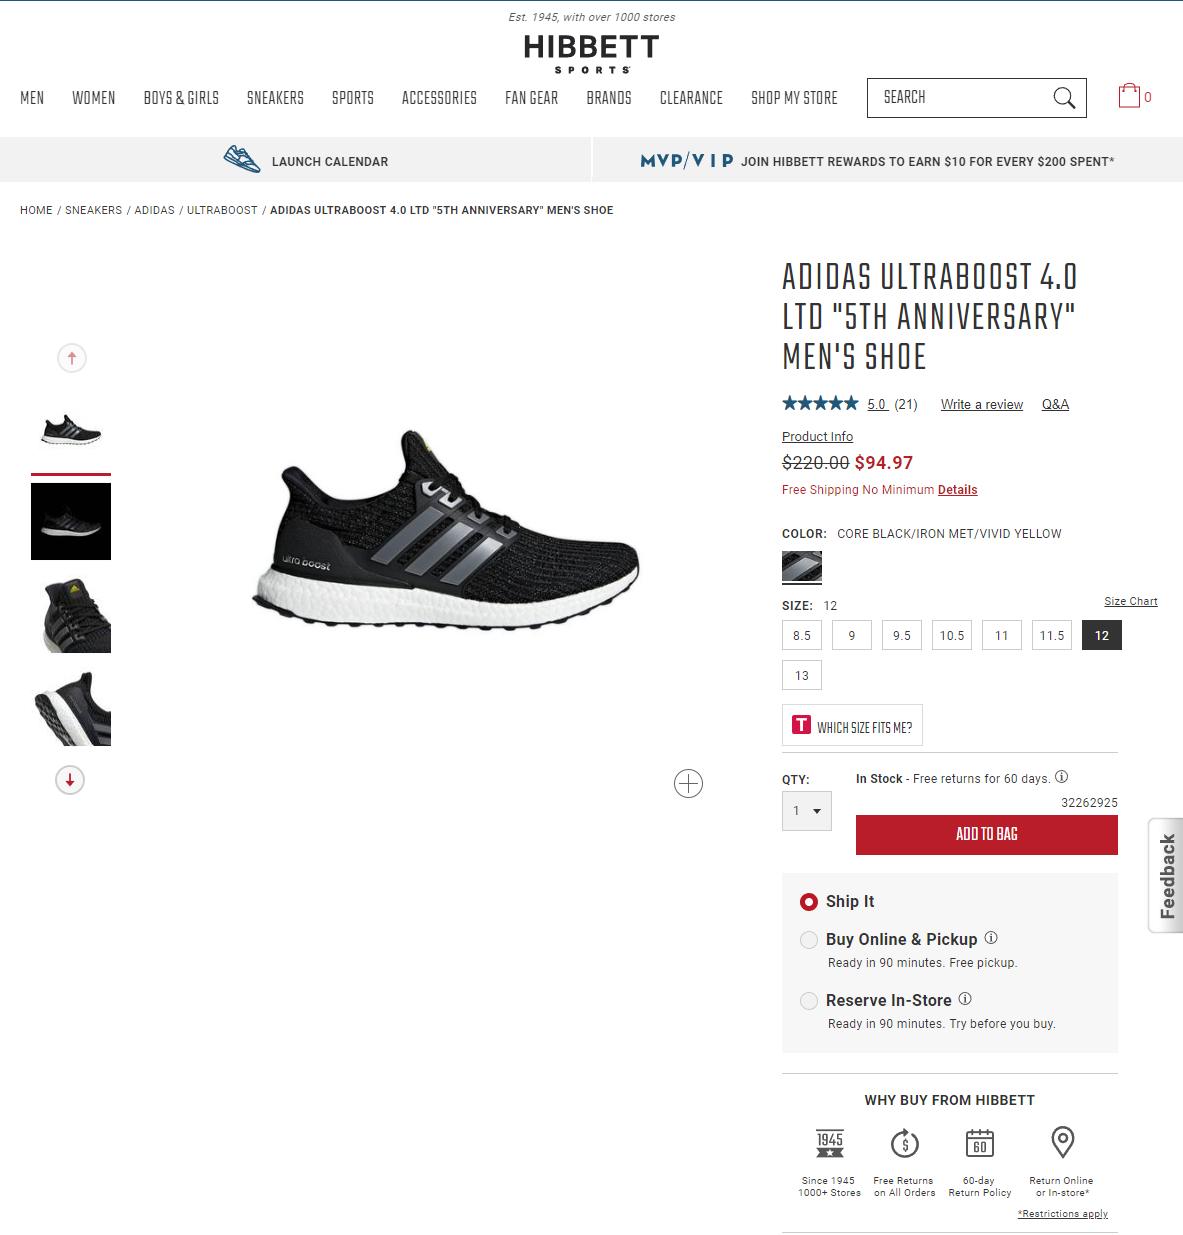 huge discount 4363c 842e3 adidas Mens UltraBOOST 4.0 Running Shoes (5th ann) - Core Black (94.97) -  Slickdeals.net